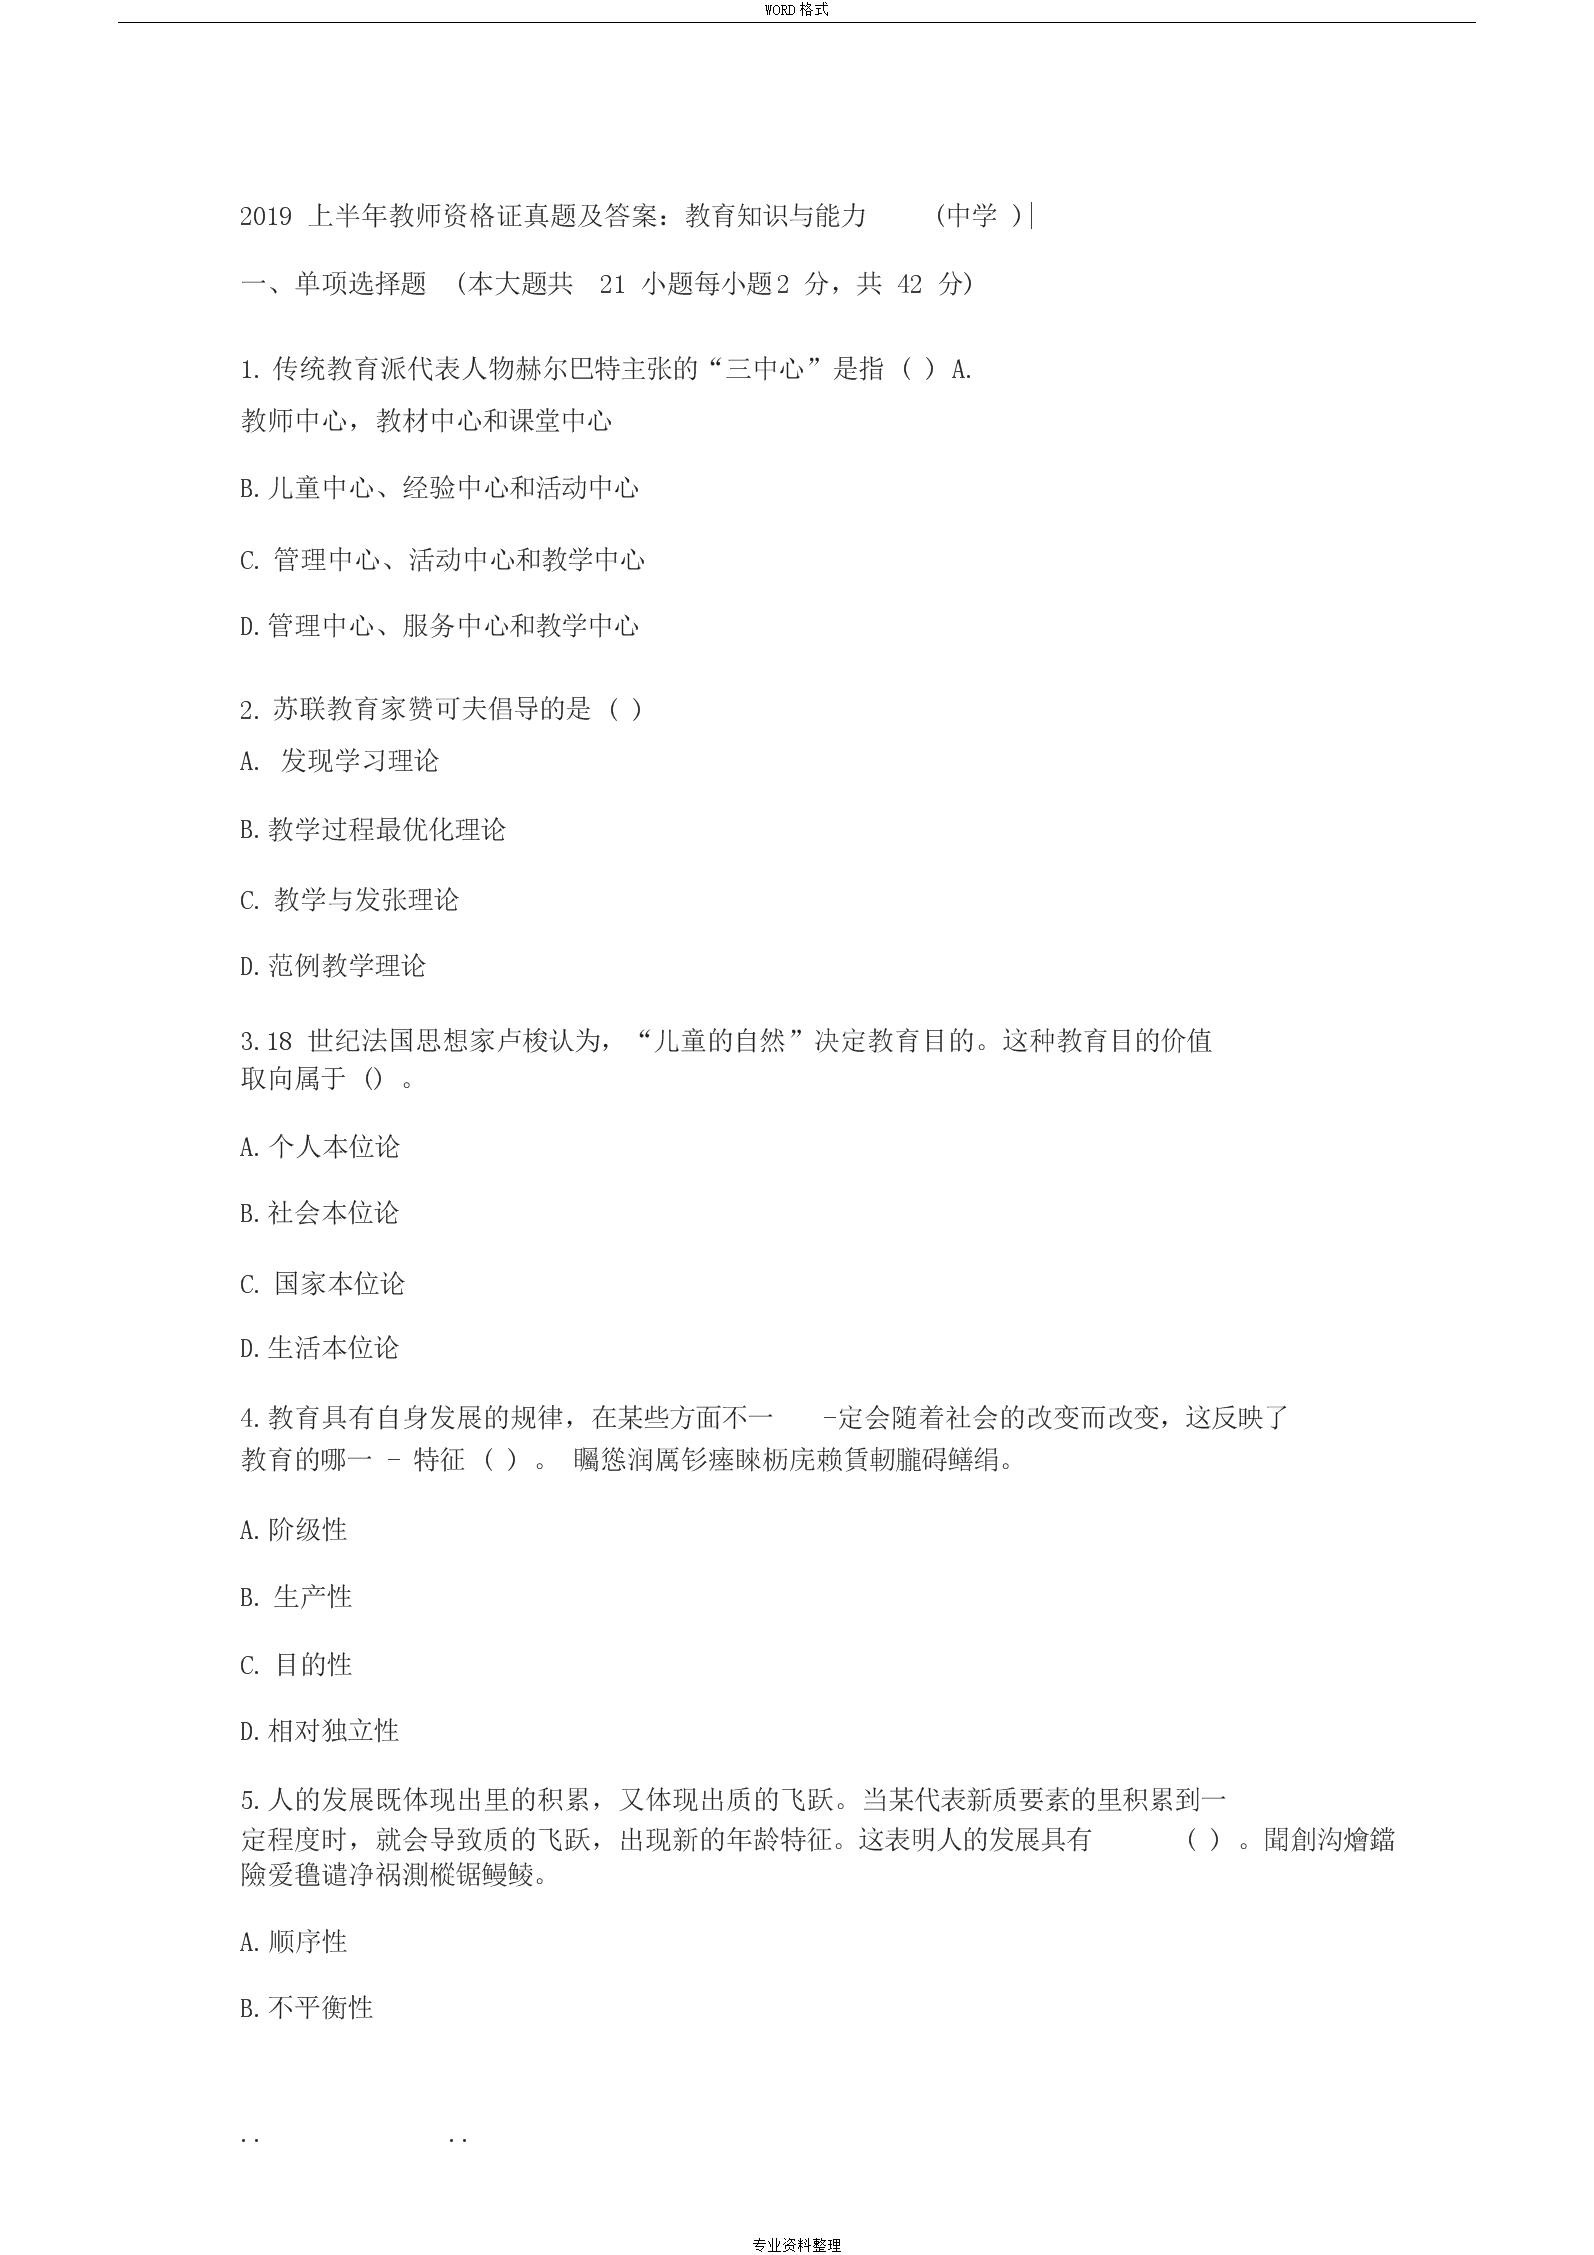 花的囹�a�i)�aj_猫虿驴绘灯鲋诛髅贶庑 献鹏缩职鲱样. 20.